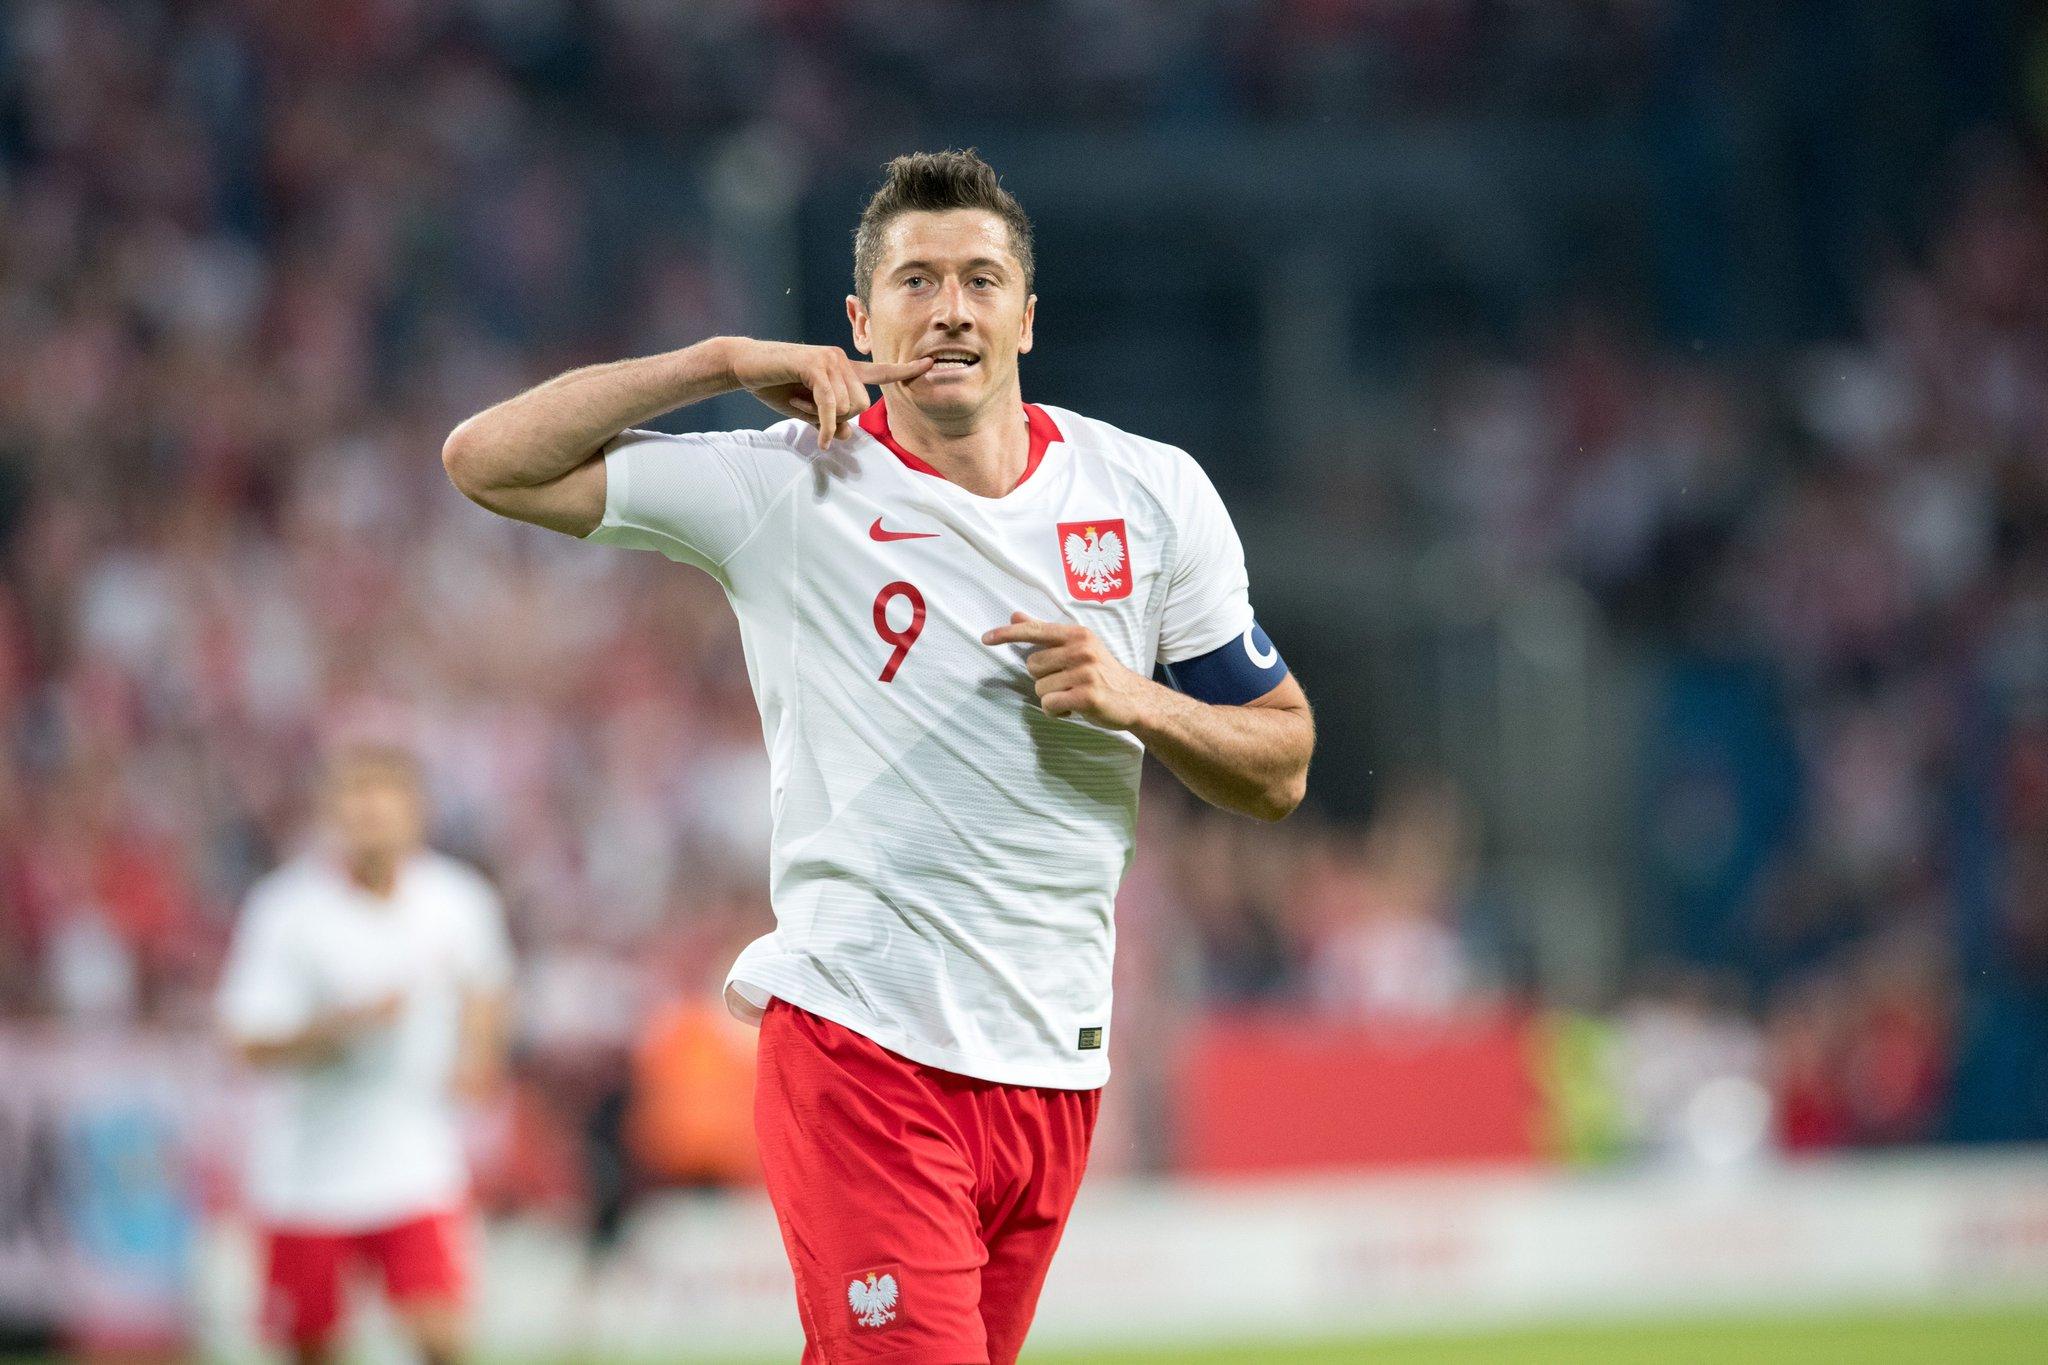 เลวานเบิ้ล!! โปแลนด์ กะซวกลิธัวเนียยับ 4-0